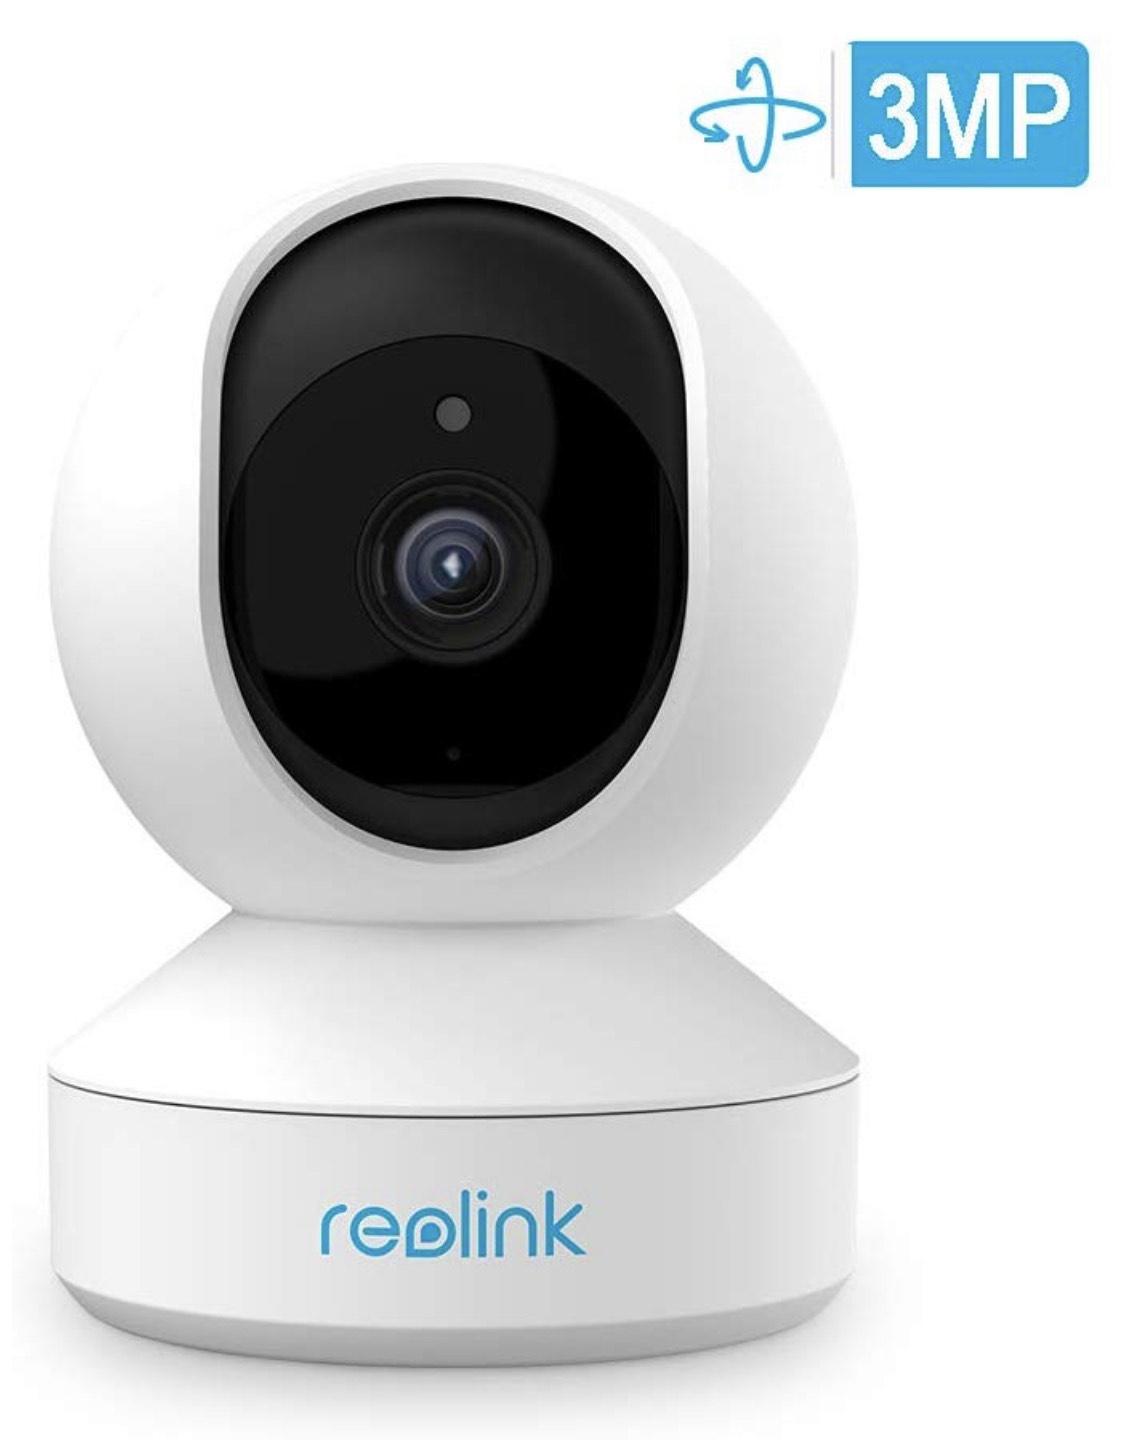 Reolink E1 3MP, 2,4GHz WLAN Kamera, schwenkbar, Zweiwege-Audio, IR-Nachtsicht und Bewegungserkennung